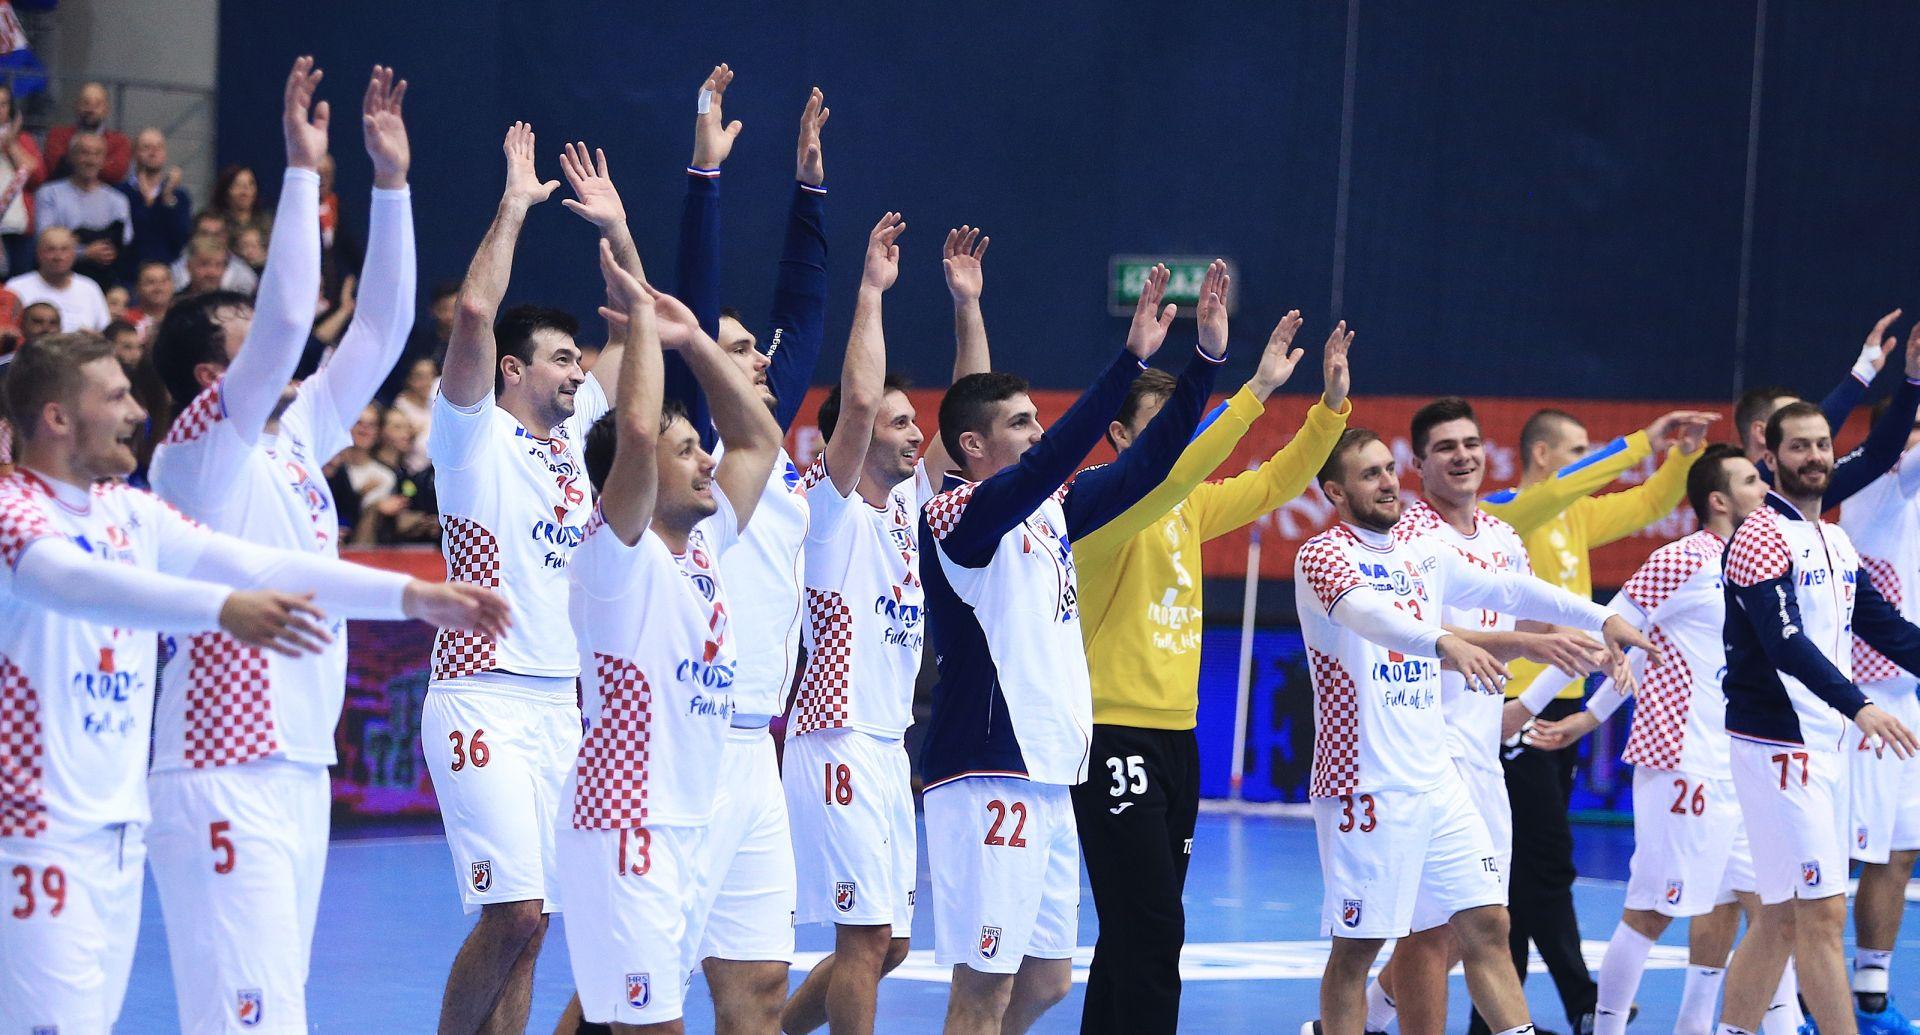 Hrvatska pobjedom otvorila kvalifikacije za EP 2020.